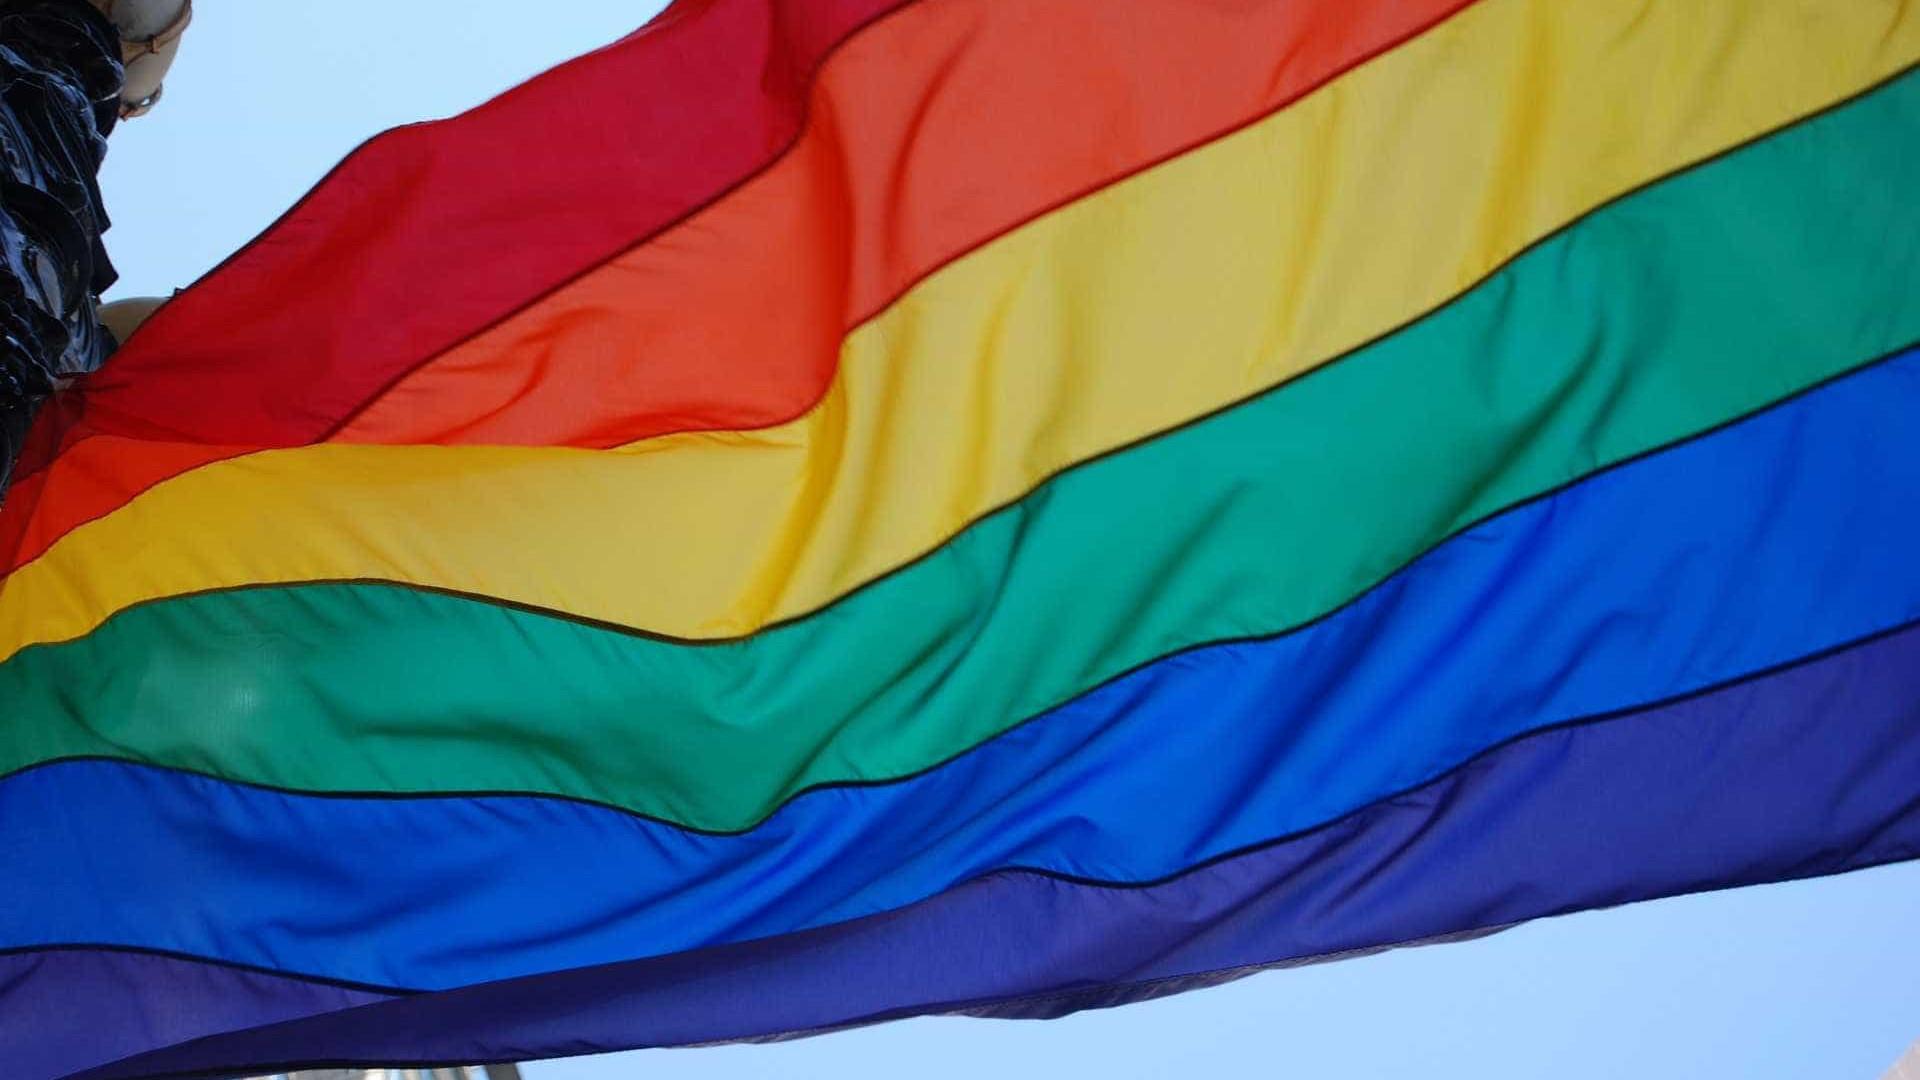 Pessoas transexuais podem alterar o nome no registro sem cirurgia